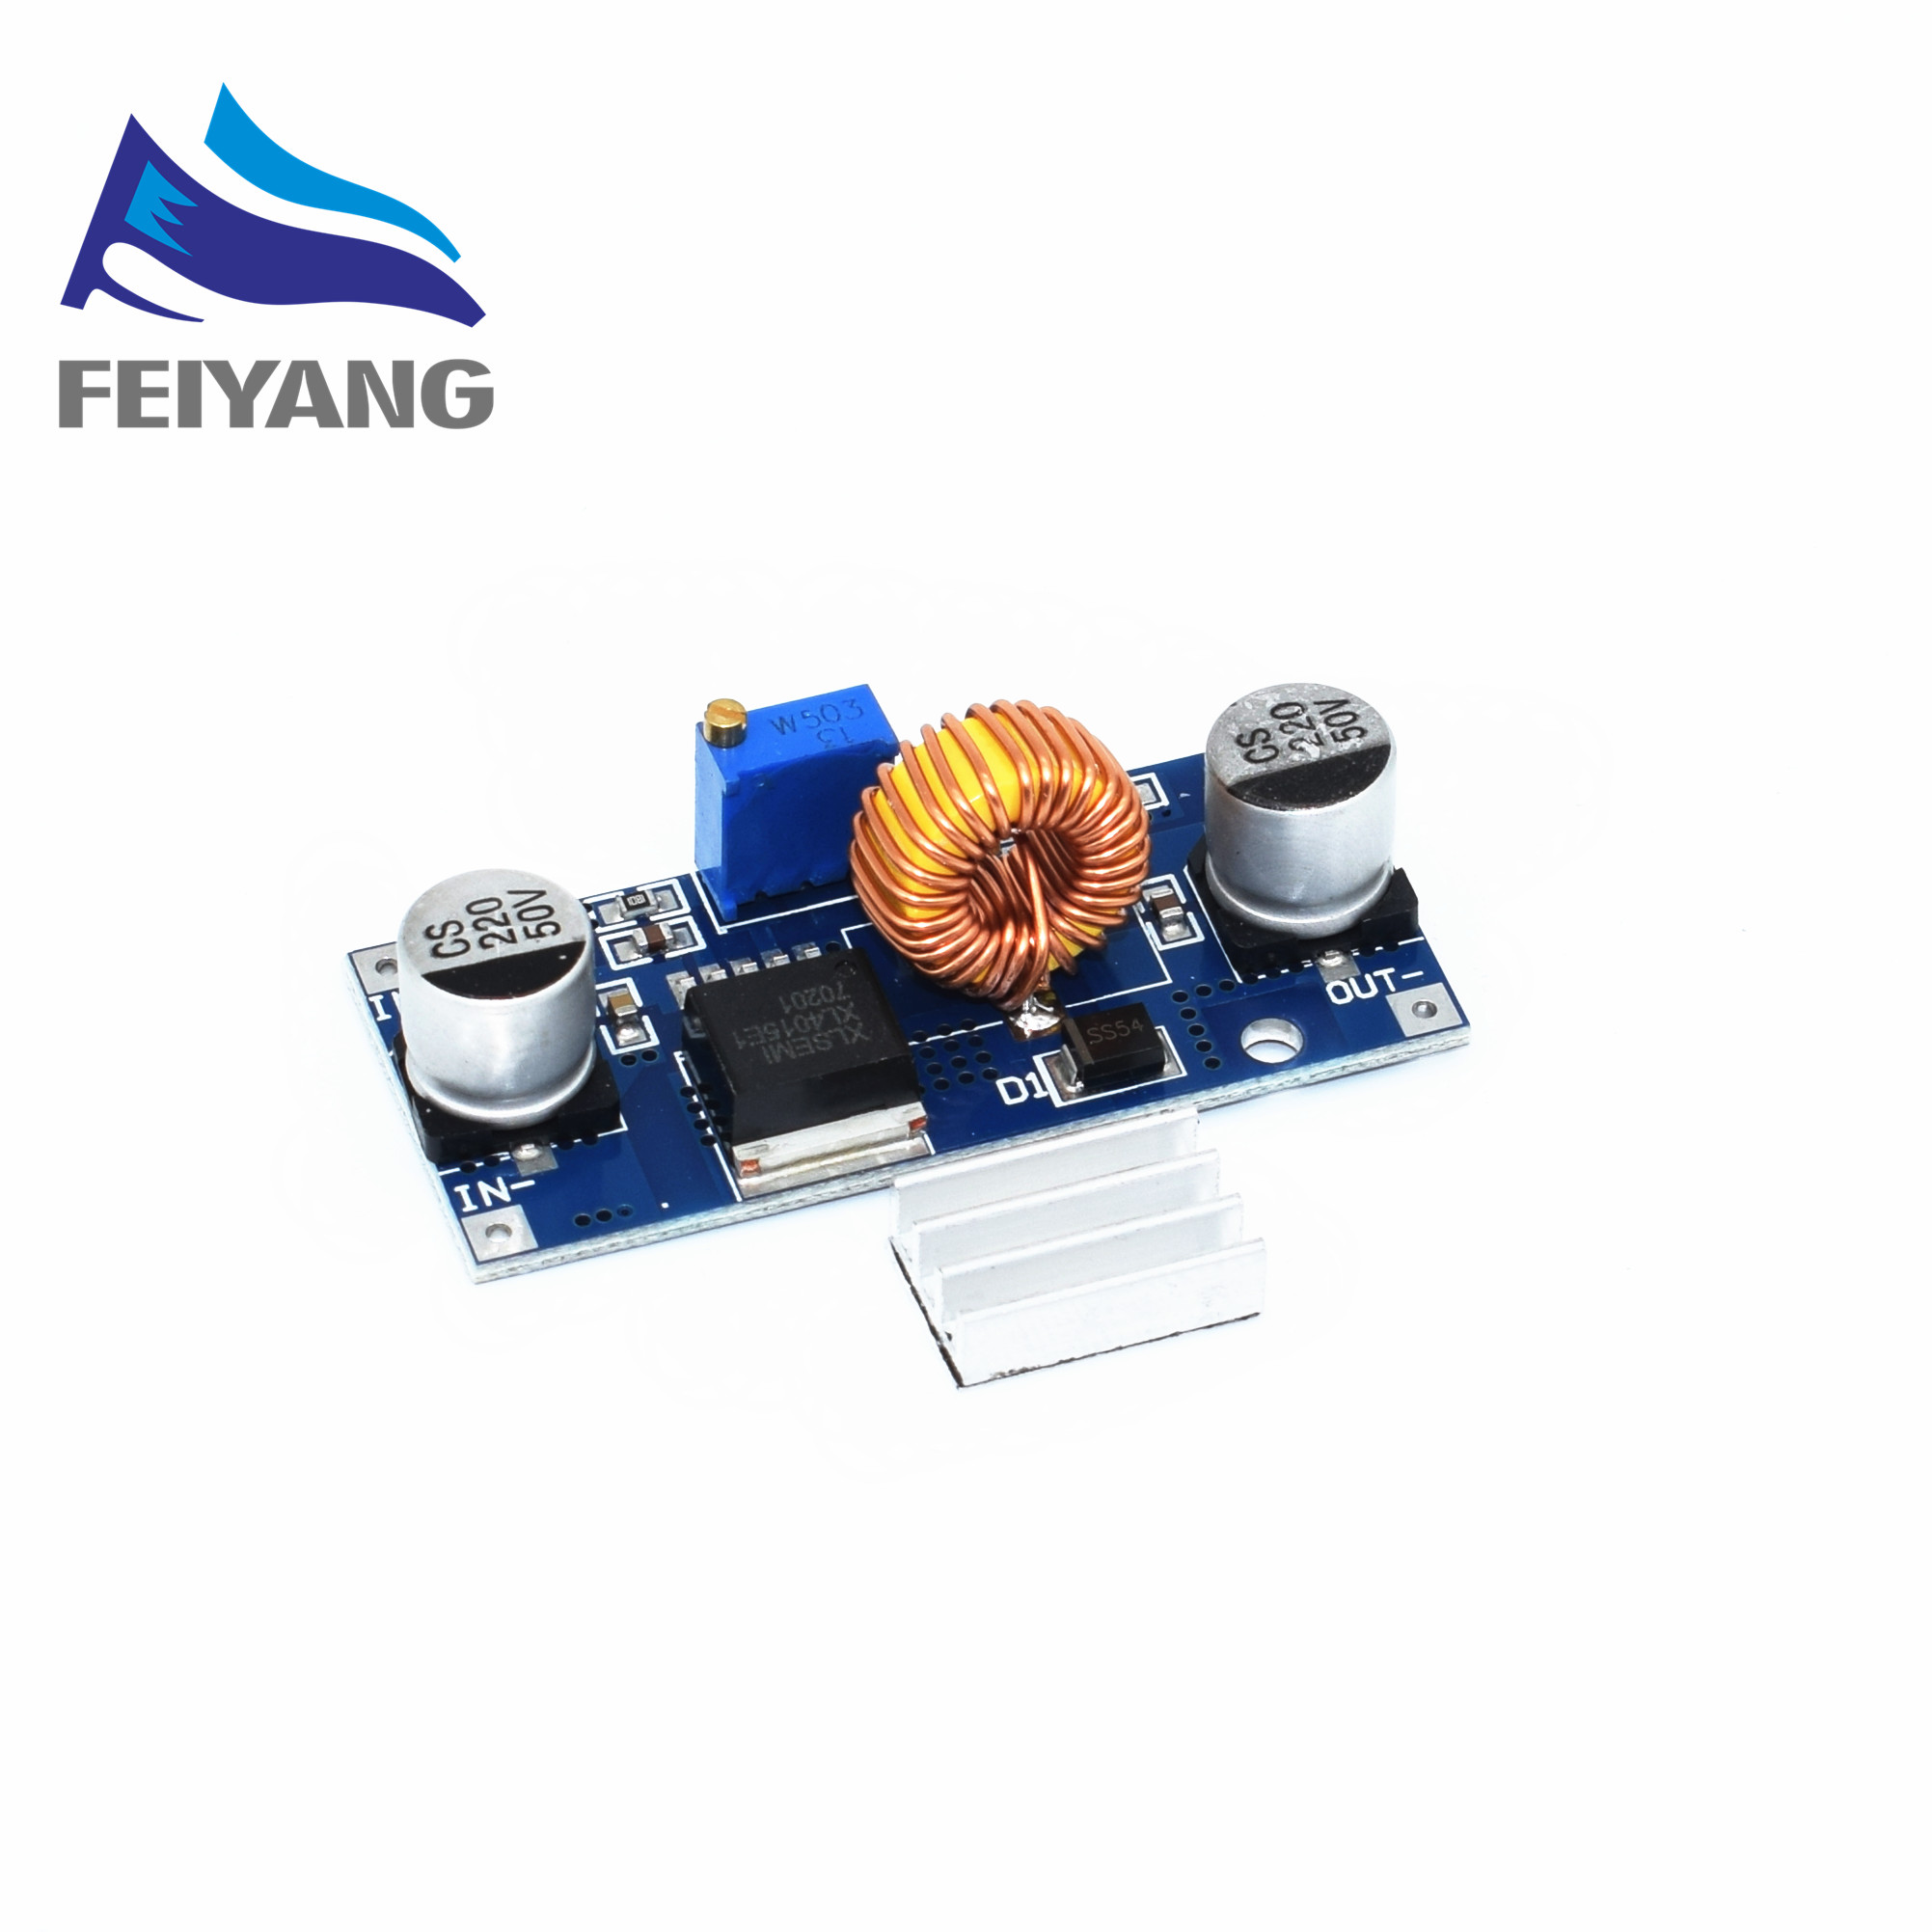 10 Pcs Rob Samiore Xl4015 5a Dc Step Down Ajustvel Power Module Abastecimento Carregador De Ltio